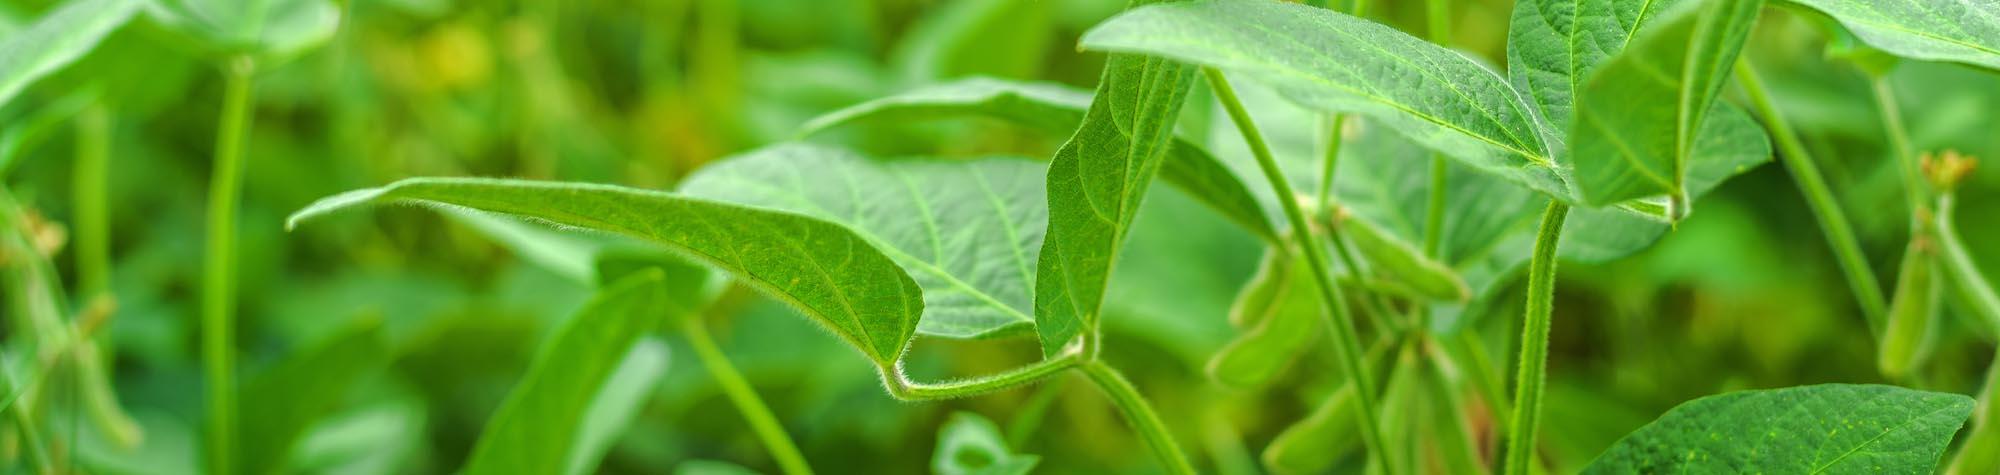 La pagnotta biologica prodotta dalla bio-filiera locale